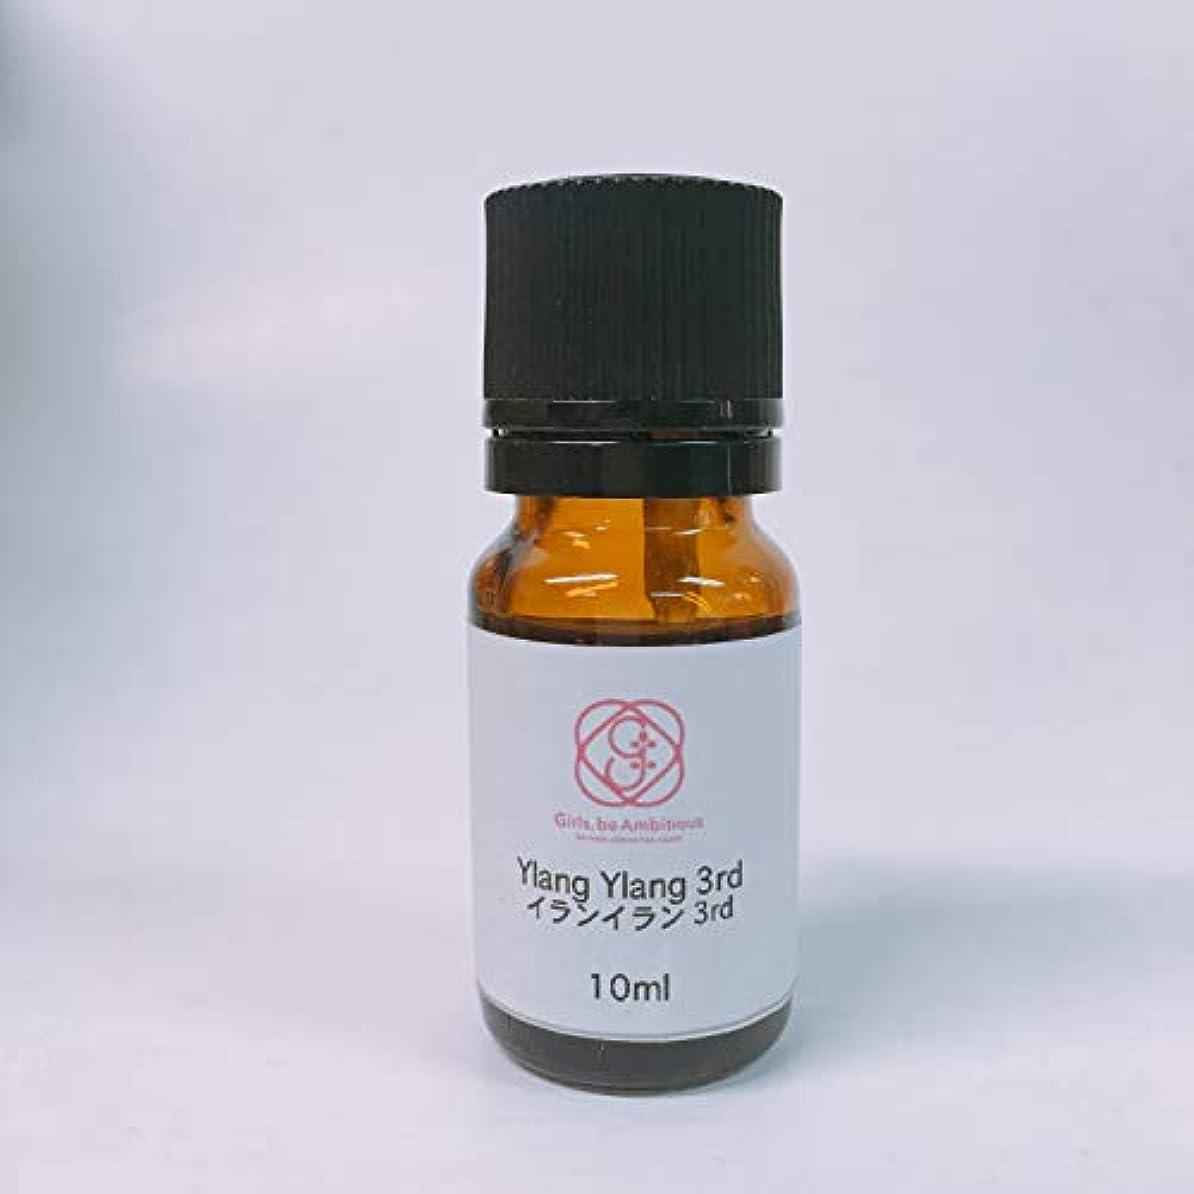 検証すずめビヨンイランイラン(Ylang Ylang)3rd 10ml